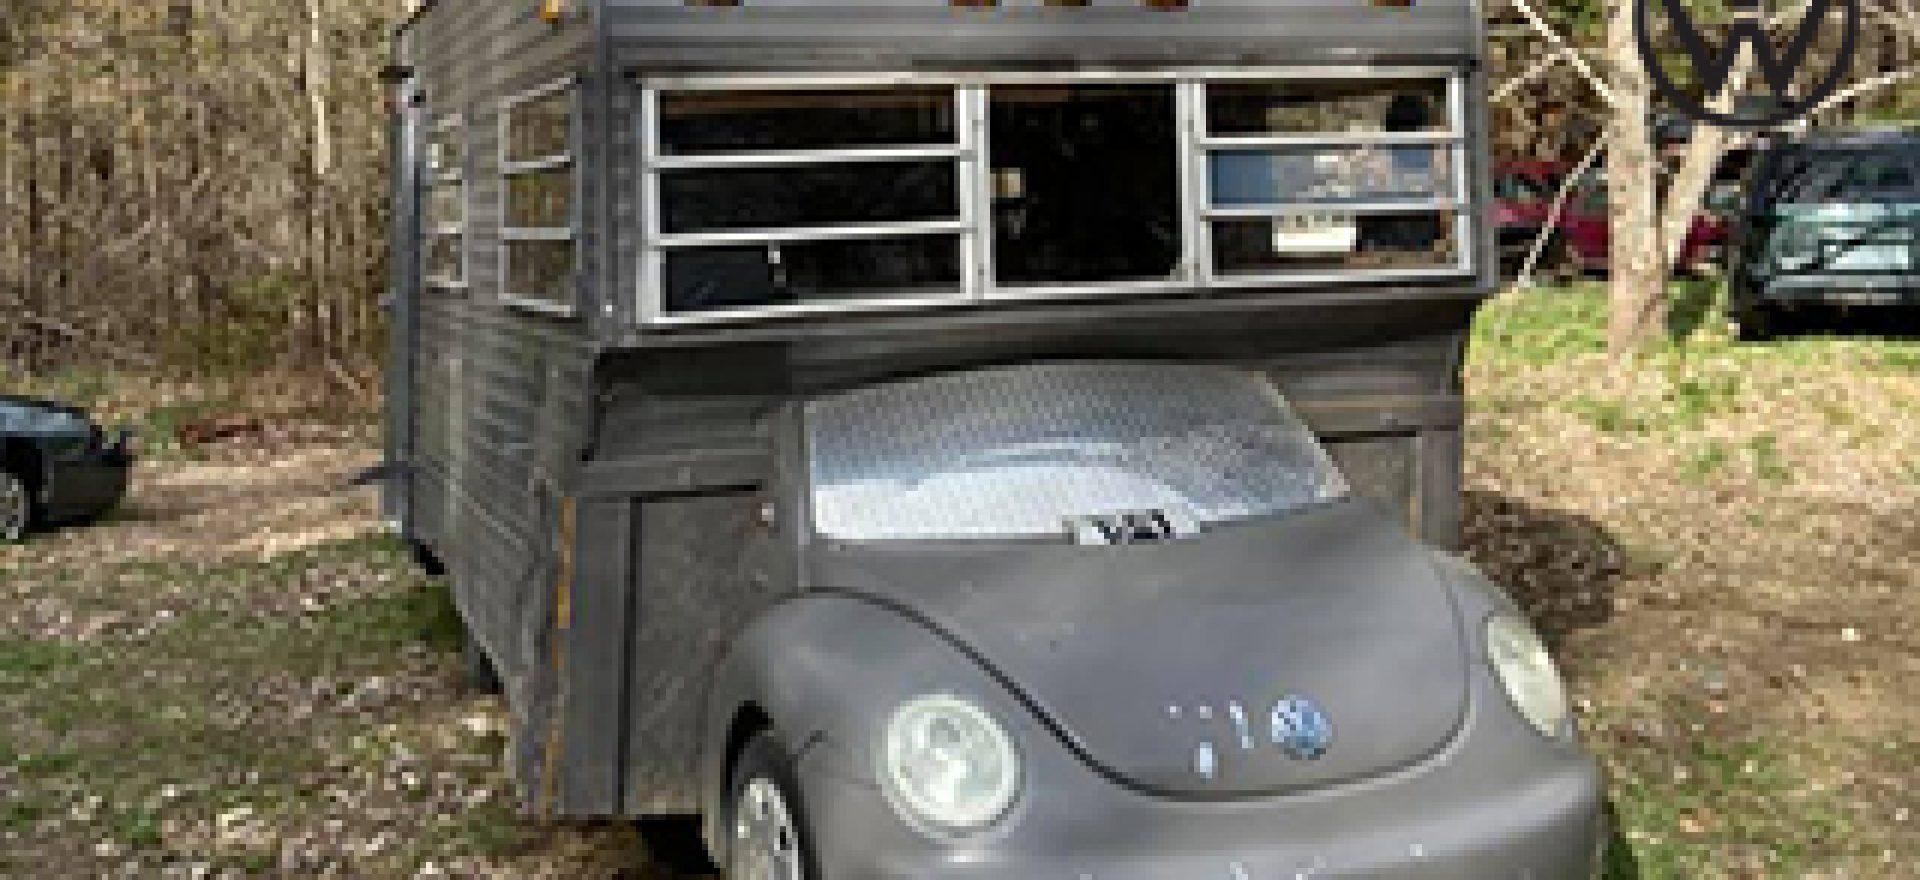 chiec-camper-van-che-tao-tu-volkswagen-beetle-2003-avatar